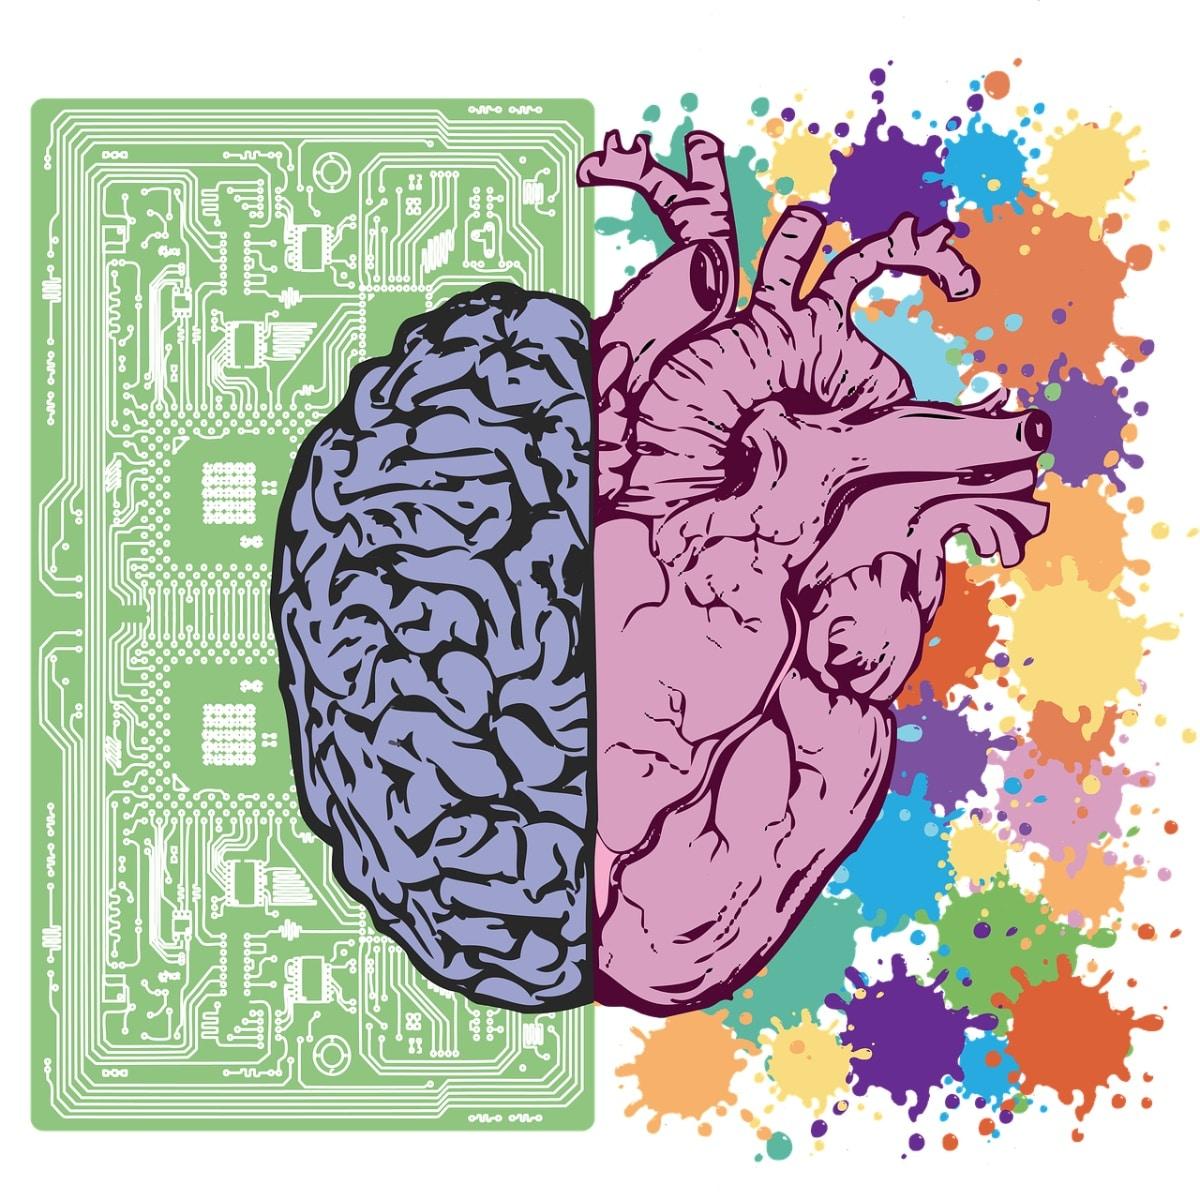 Dibujo de cerebro y corazón